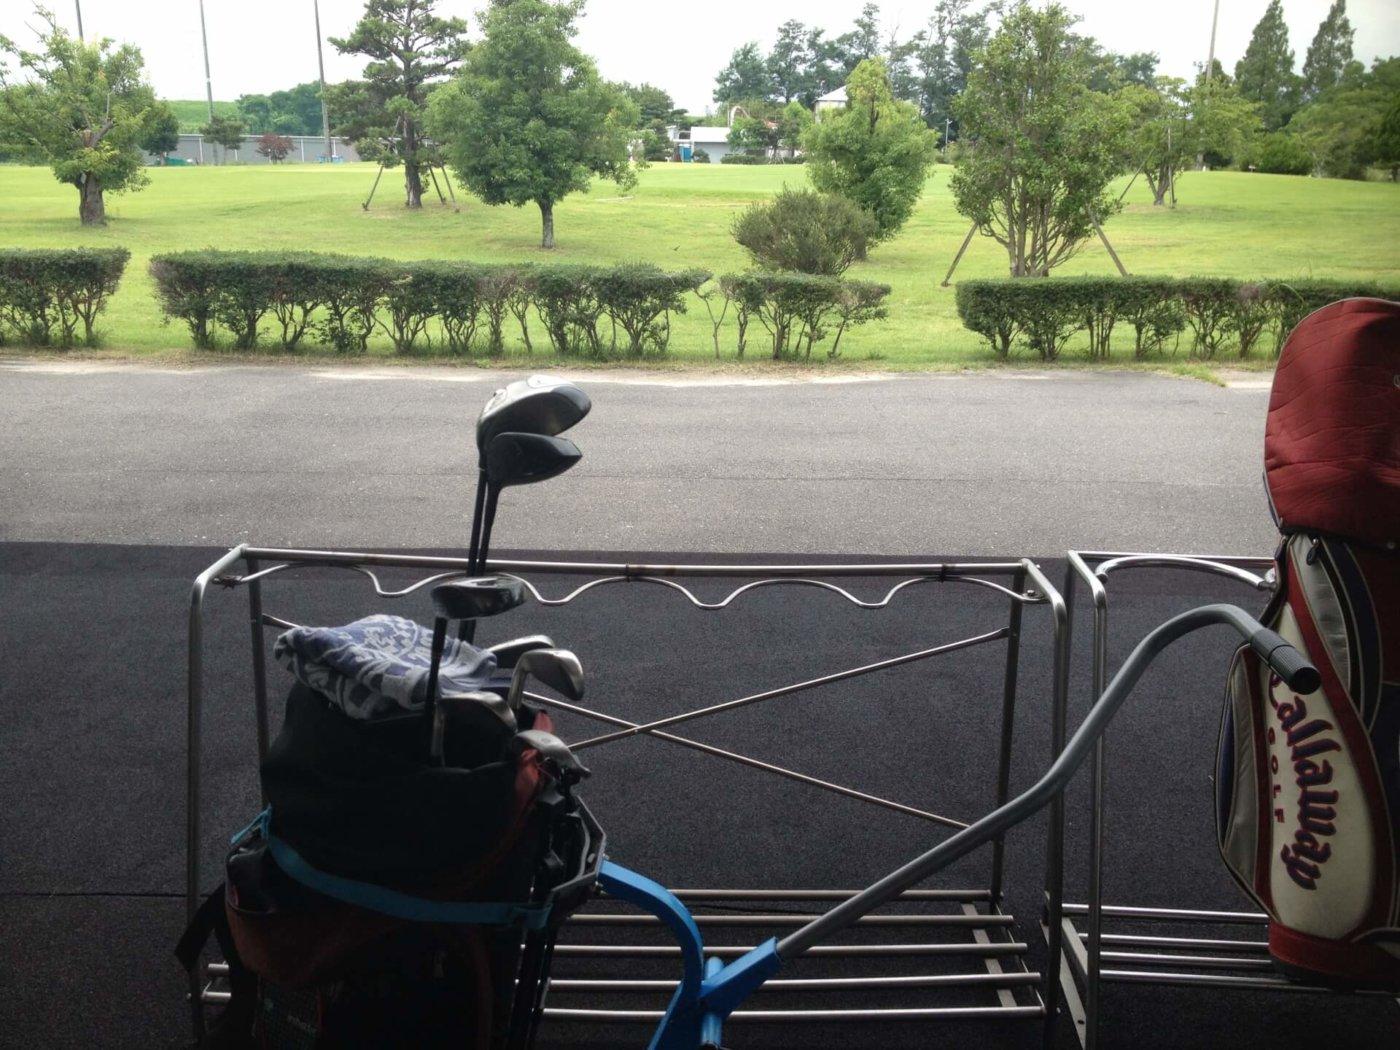 とりあえずこれだけは!初心者におすすめのゴルフセットメーカー